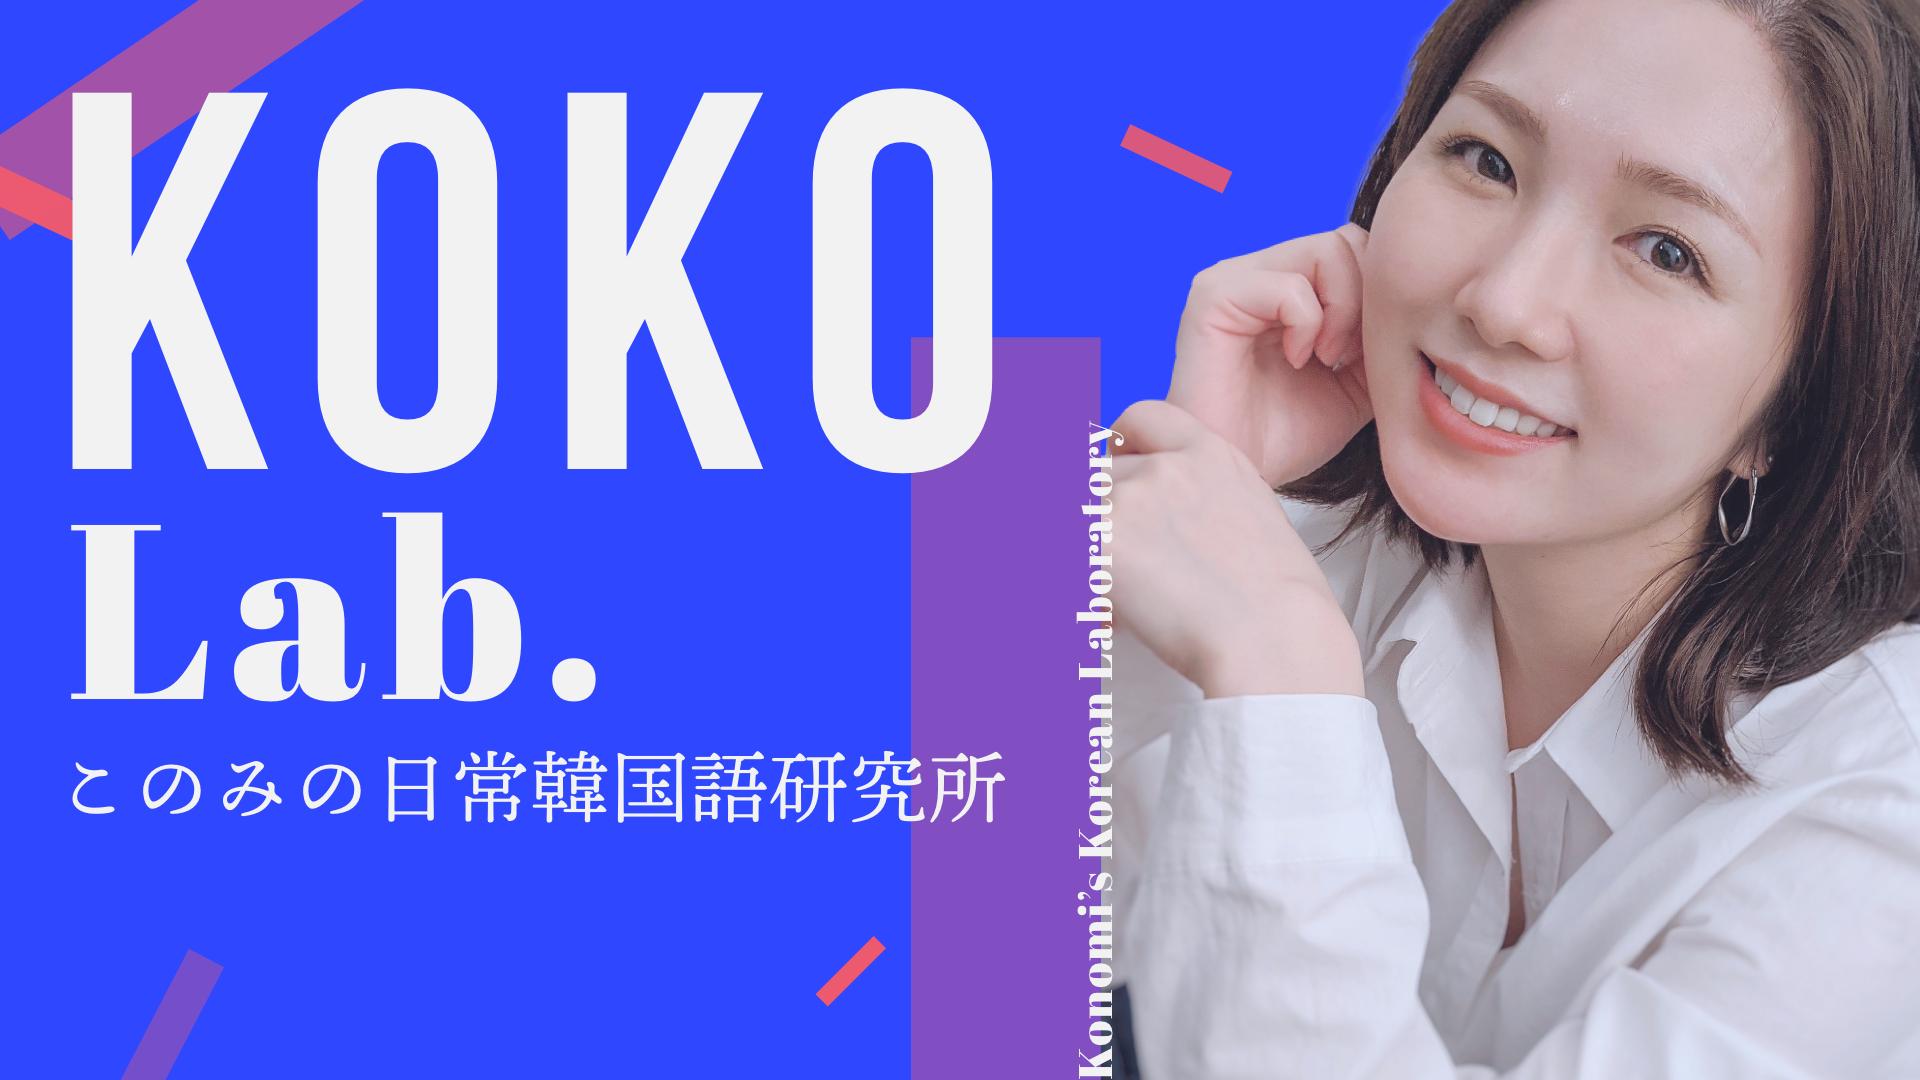 このみの日常韓国語研究所 | KOKO Lab.